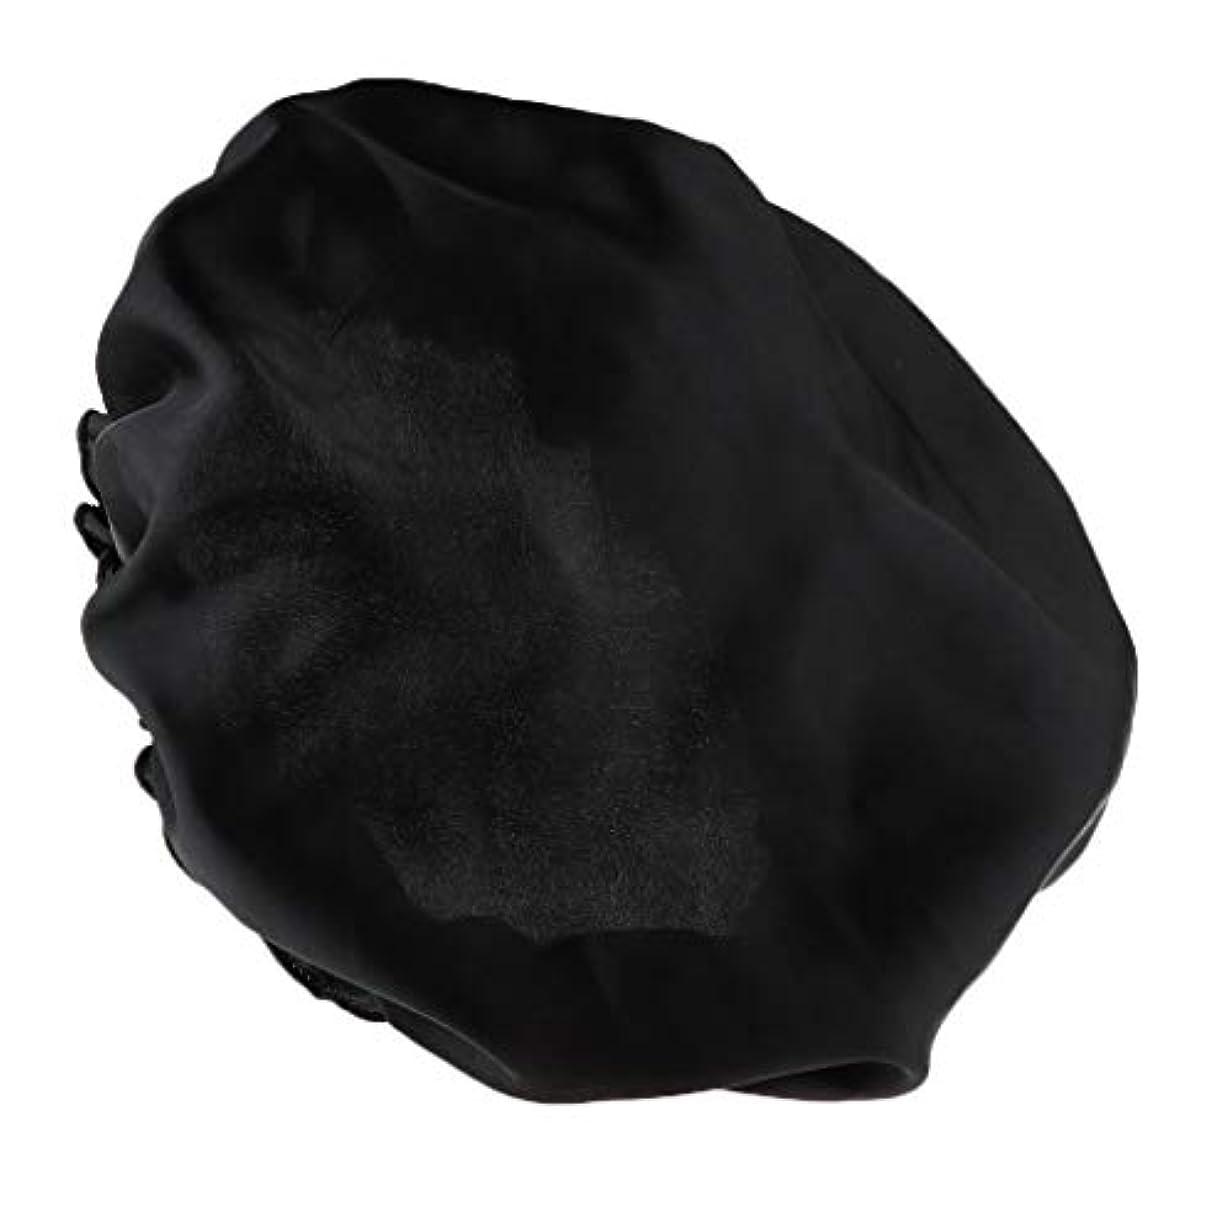 滝リテラシー維持FLAMEER シャワーキャップ シルクサテンキャップ シルクサテン帽子 美容ヘッドカバー 浴用帽子 全8色 - ブラック